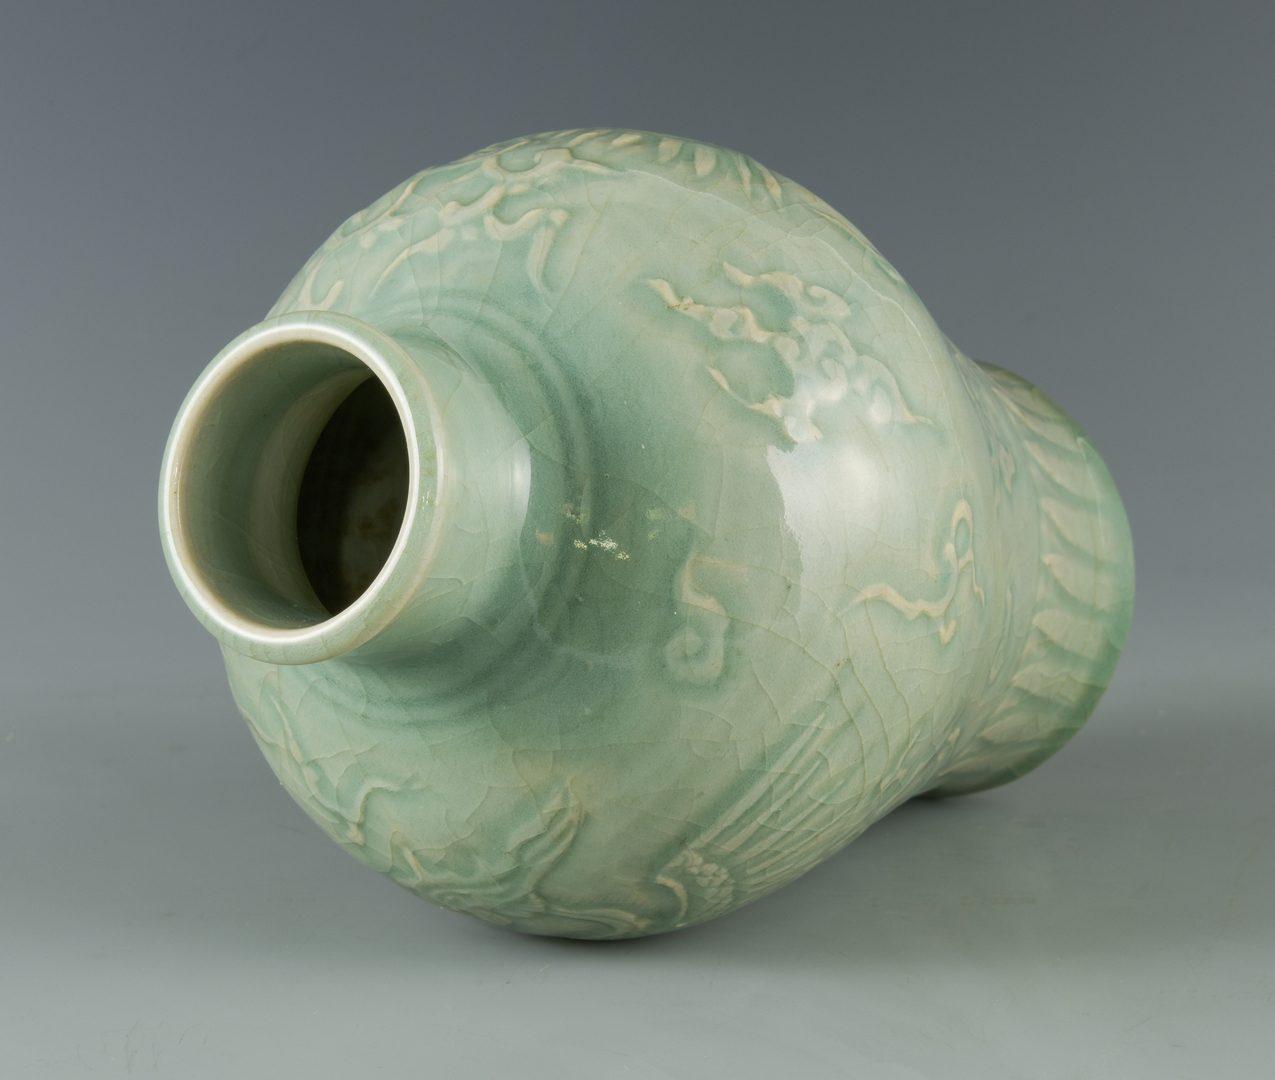 Lot 24: Longquan Celadon Carved Vase